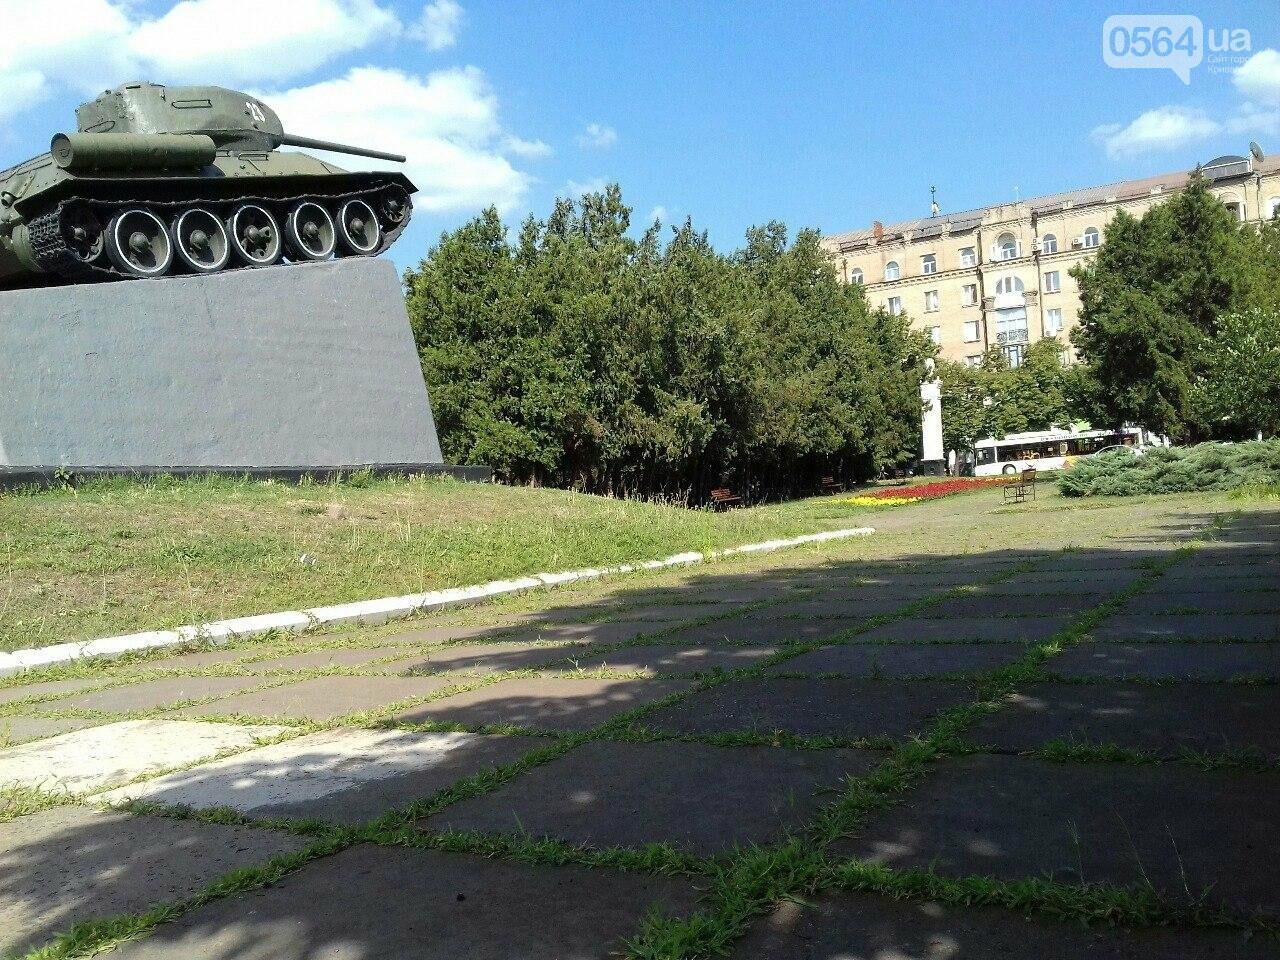 В сквере на центральной площади Кривого Рога воцарилась разруха, - ФОТО, фото-12